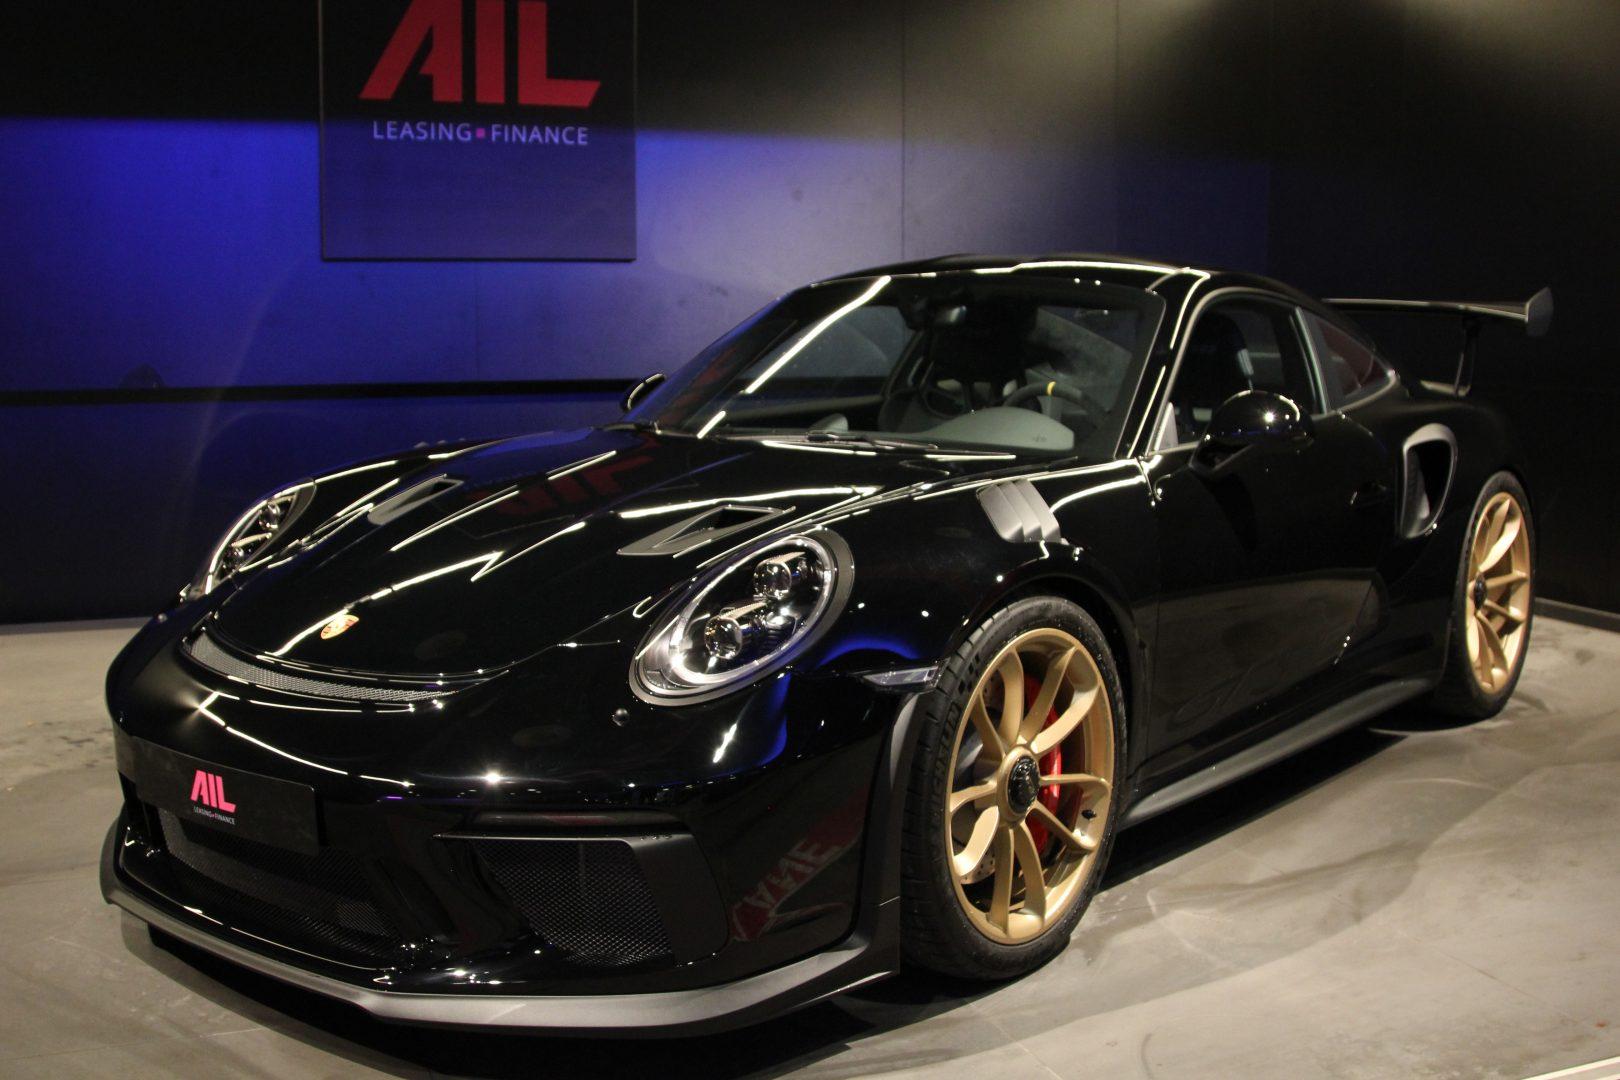 AIL Porsche 991 GT3 RS 4.0 Facelift LED 9